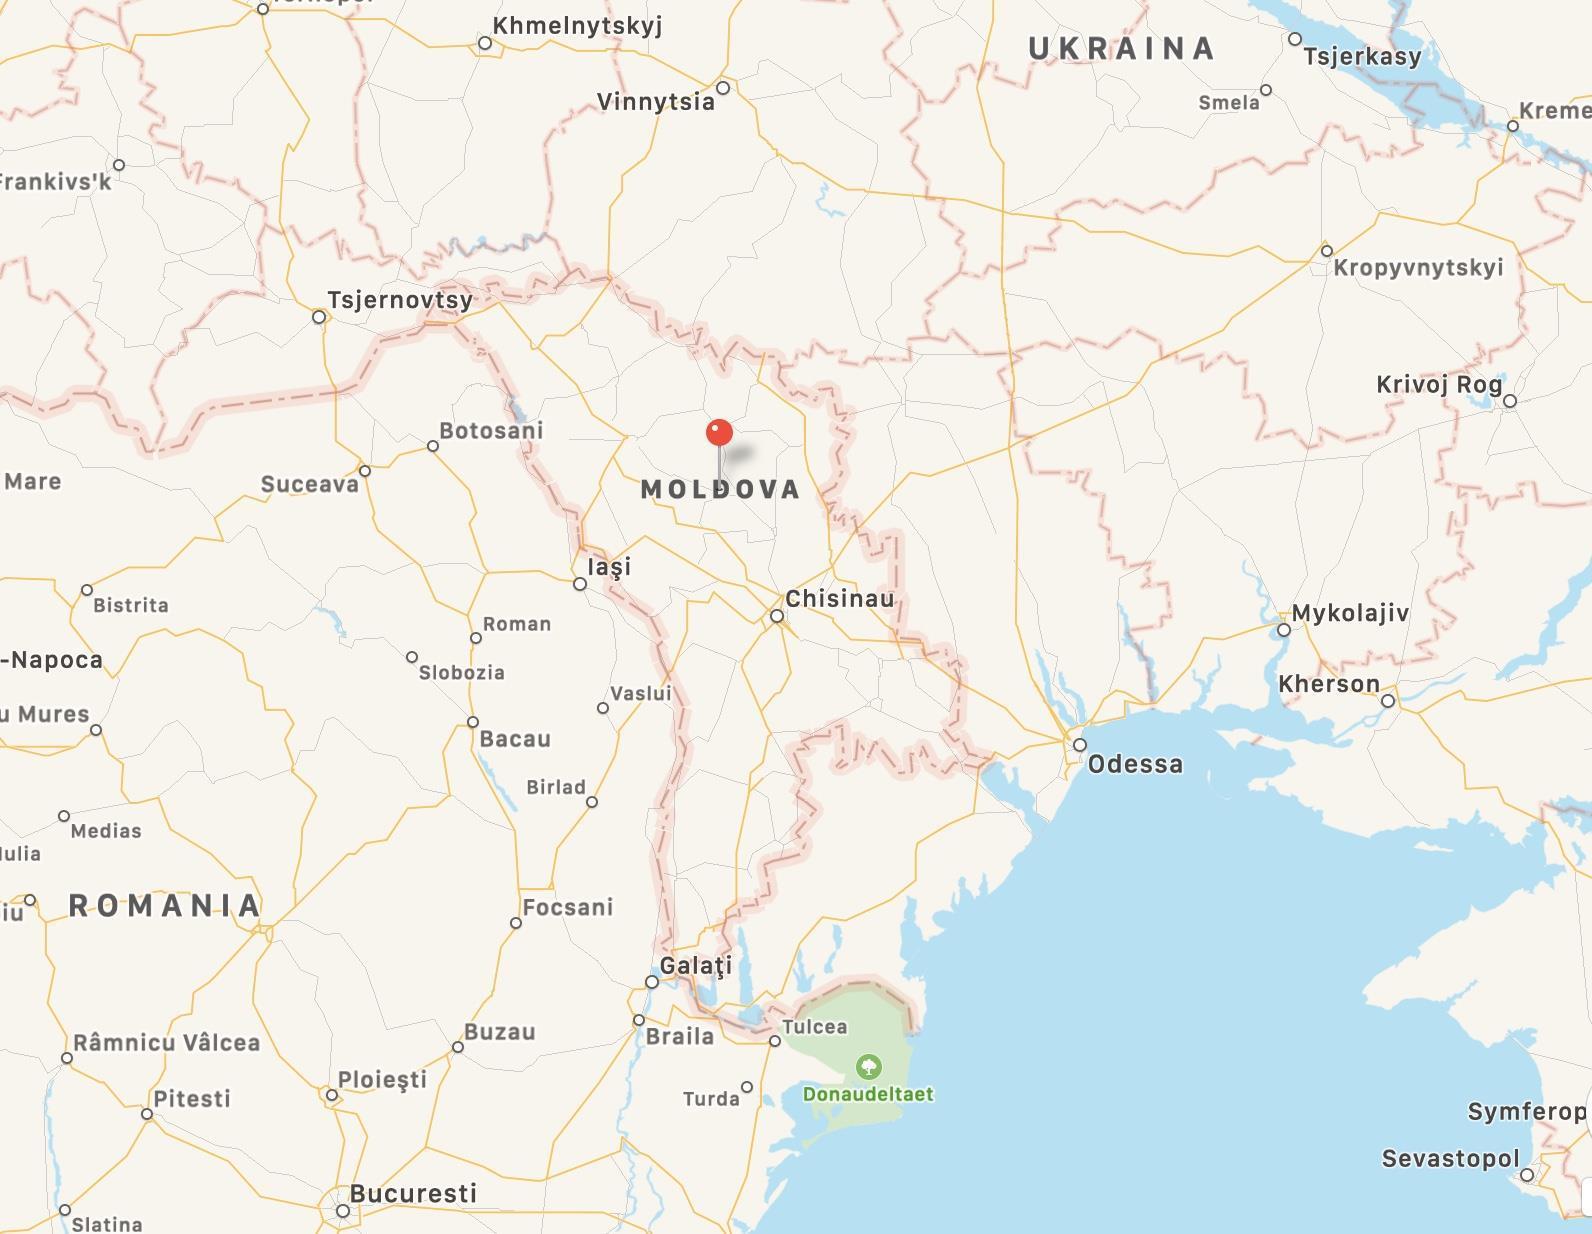 Kart over Moldova